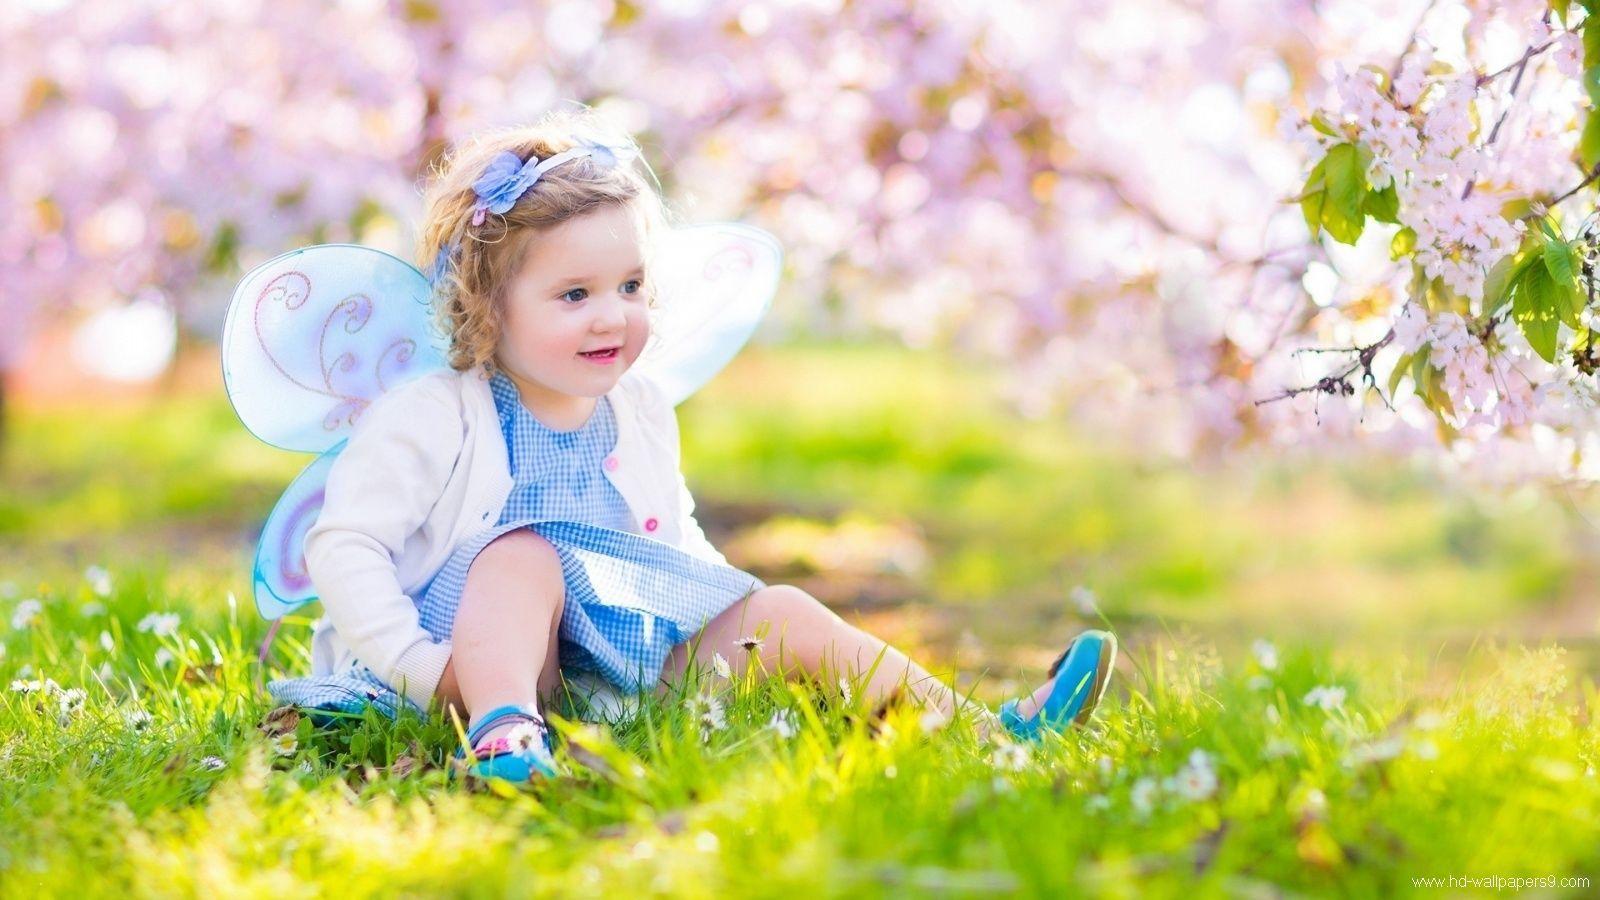 Cute Baby Fairies: Cute-little-fairy-wallpaper